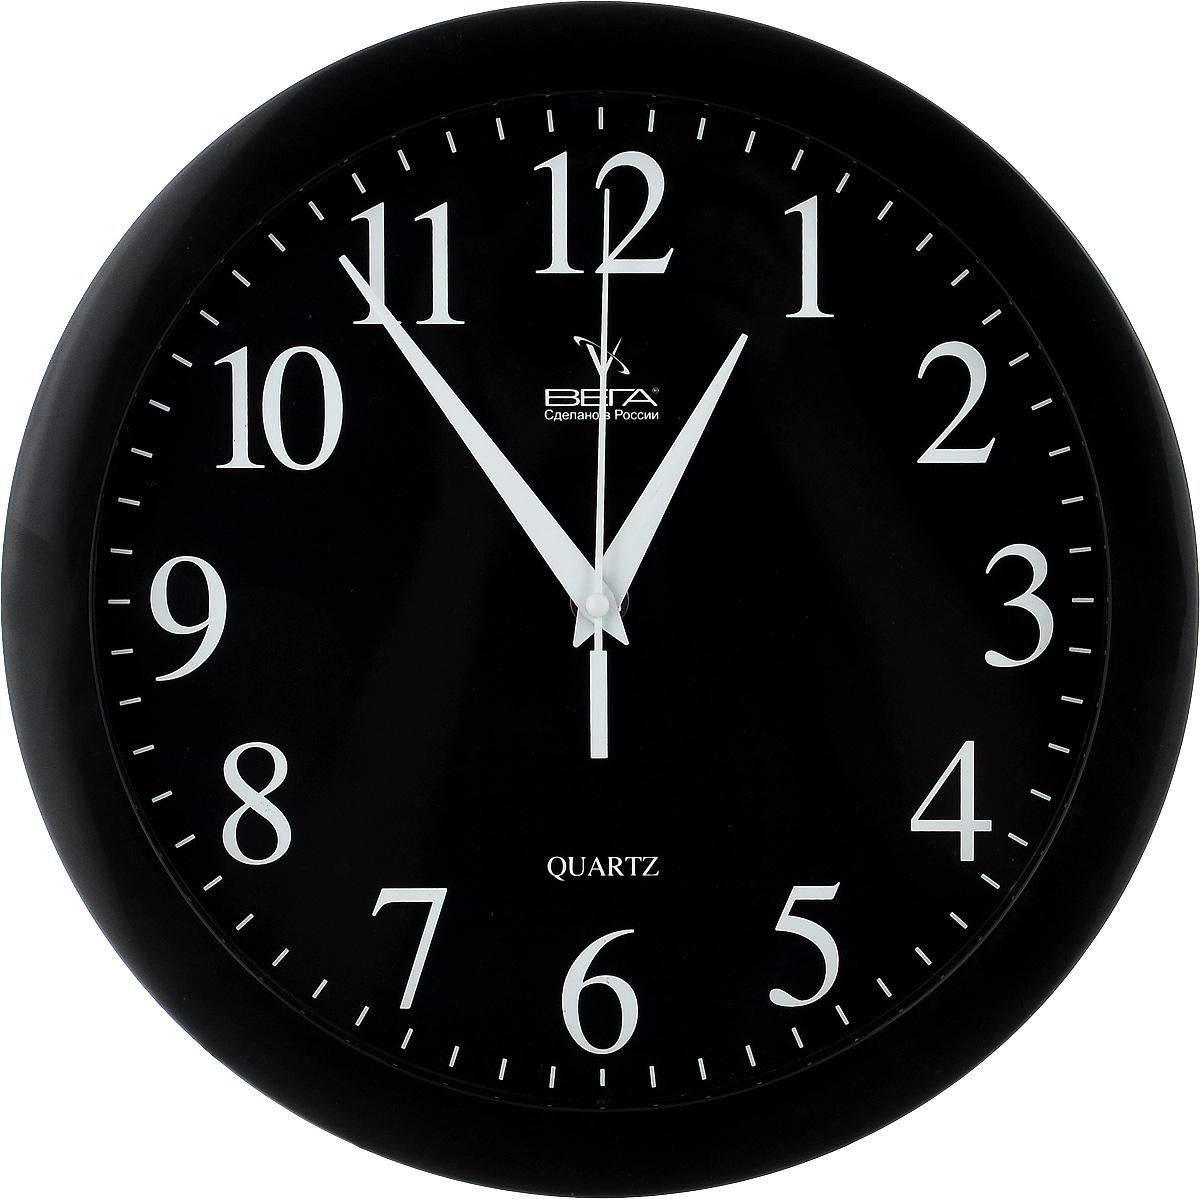 Часы настенные Вега Классика, цвет: черный, диаметр 28,5 см. П1-6П1-6/6-6Настенные кварцевые часы Вега Классика, изготовленные из пластика, прекрасно впишутся в интерьер вашего дома. Круглые часы имеют три стрелки: часовую, минутную и секундную, циферблат защищен прозрачным стеклом. Часы работают от 1 батарейки типа АА напряжением 1,5 В (не входит в комплект). Диаметр часов: 28,5 см.